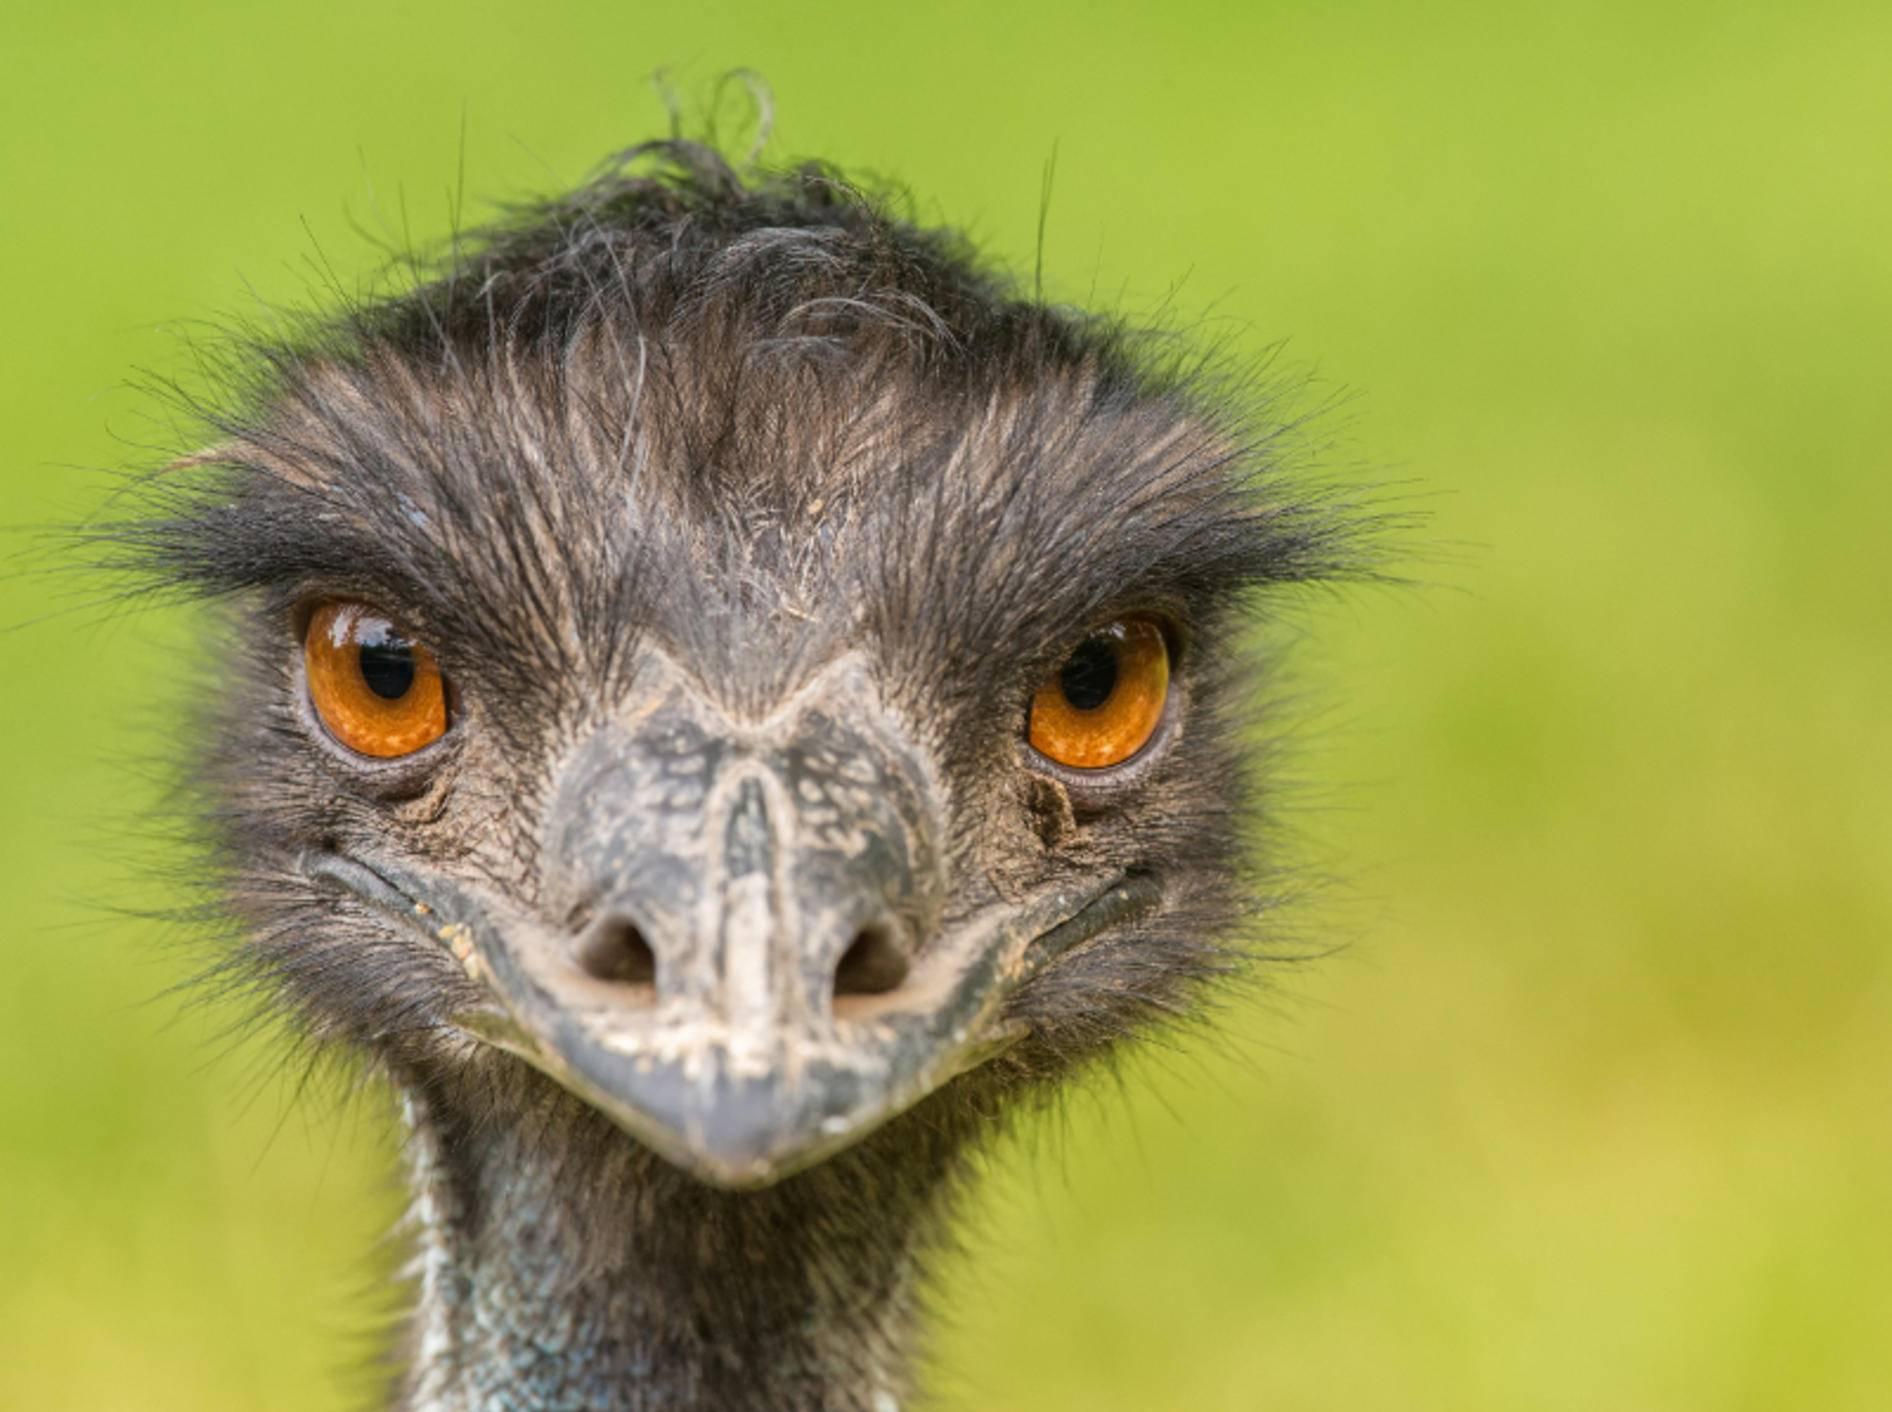 Der Große Emu ist die einzige noch lebende Art der Emus – BIld: Shutterstock / Nick Fox